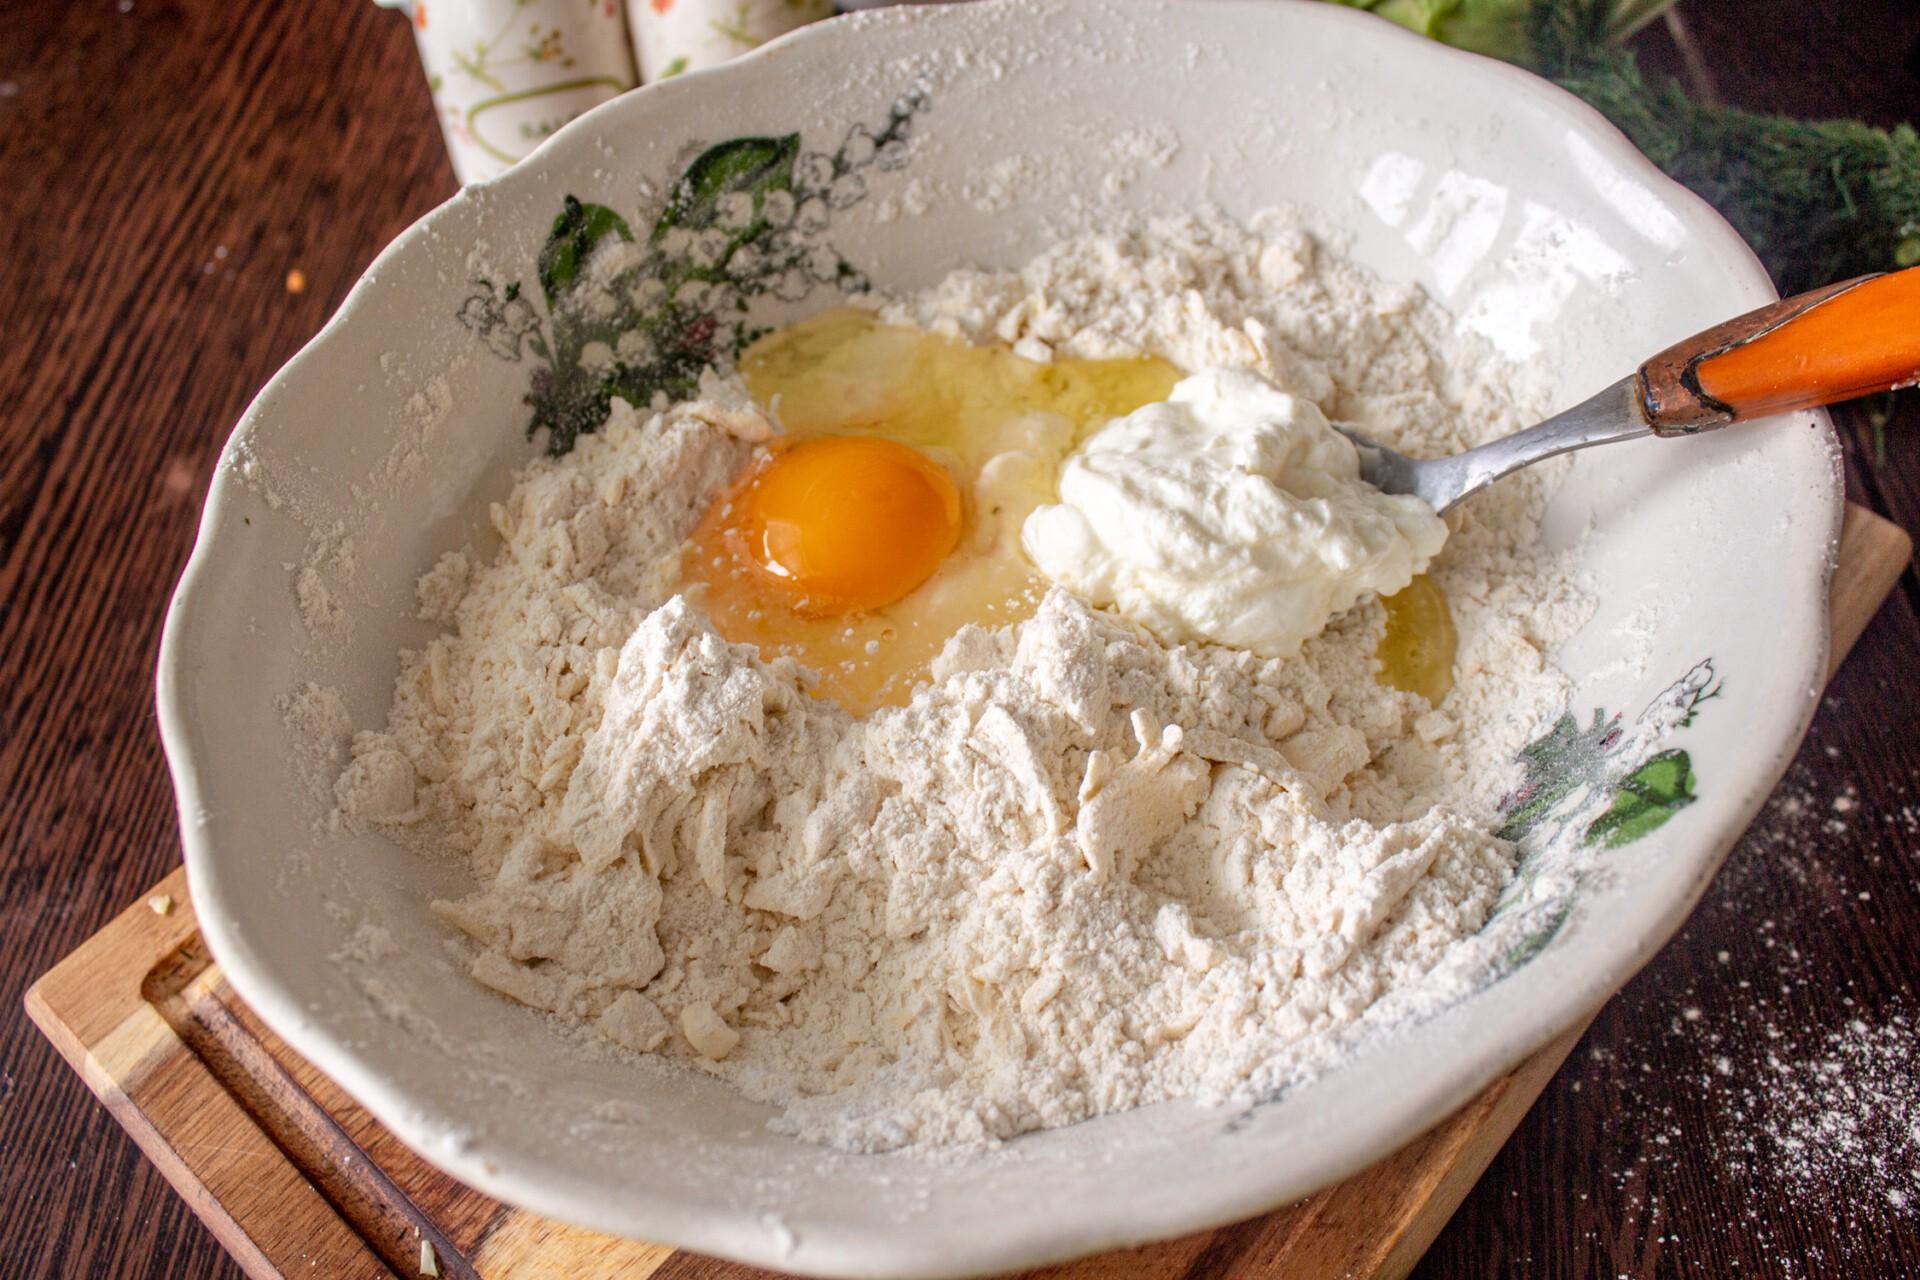 Киш с капустой и яйцом: к тесту добавляем яйцо и сметану